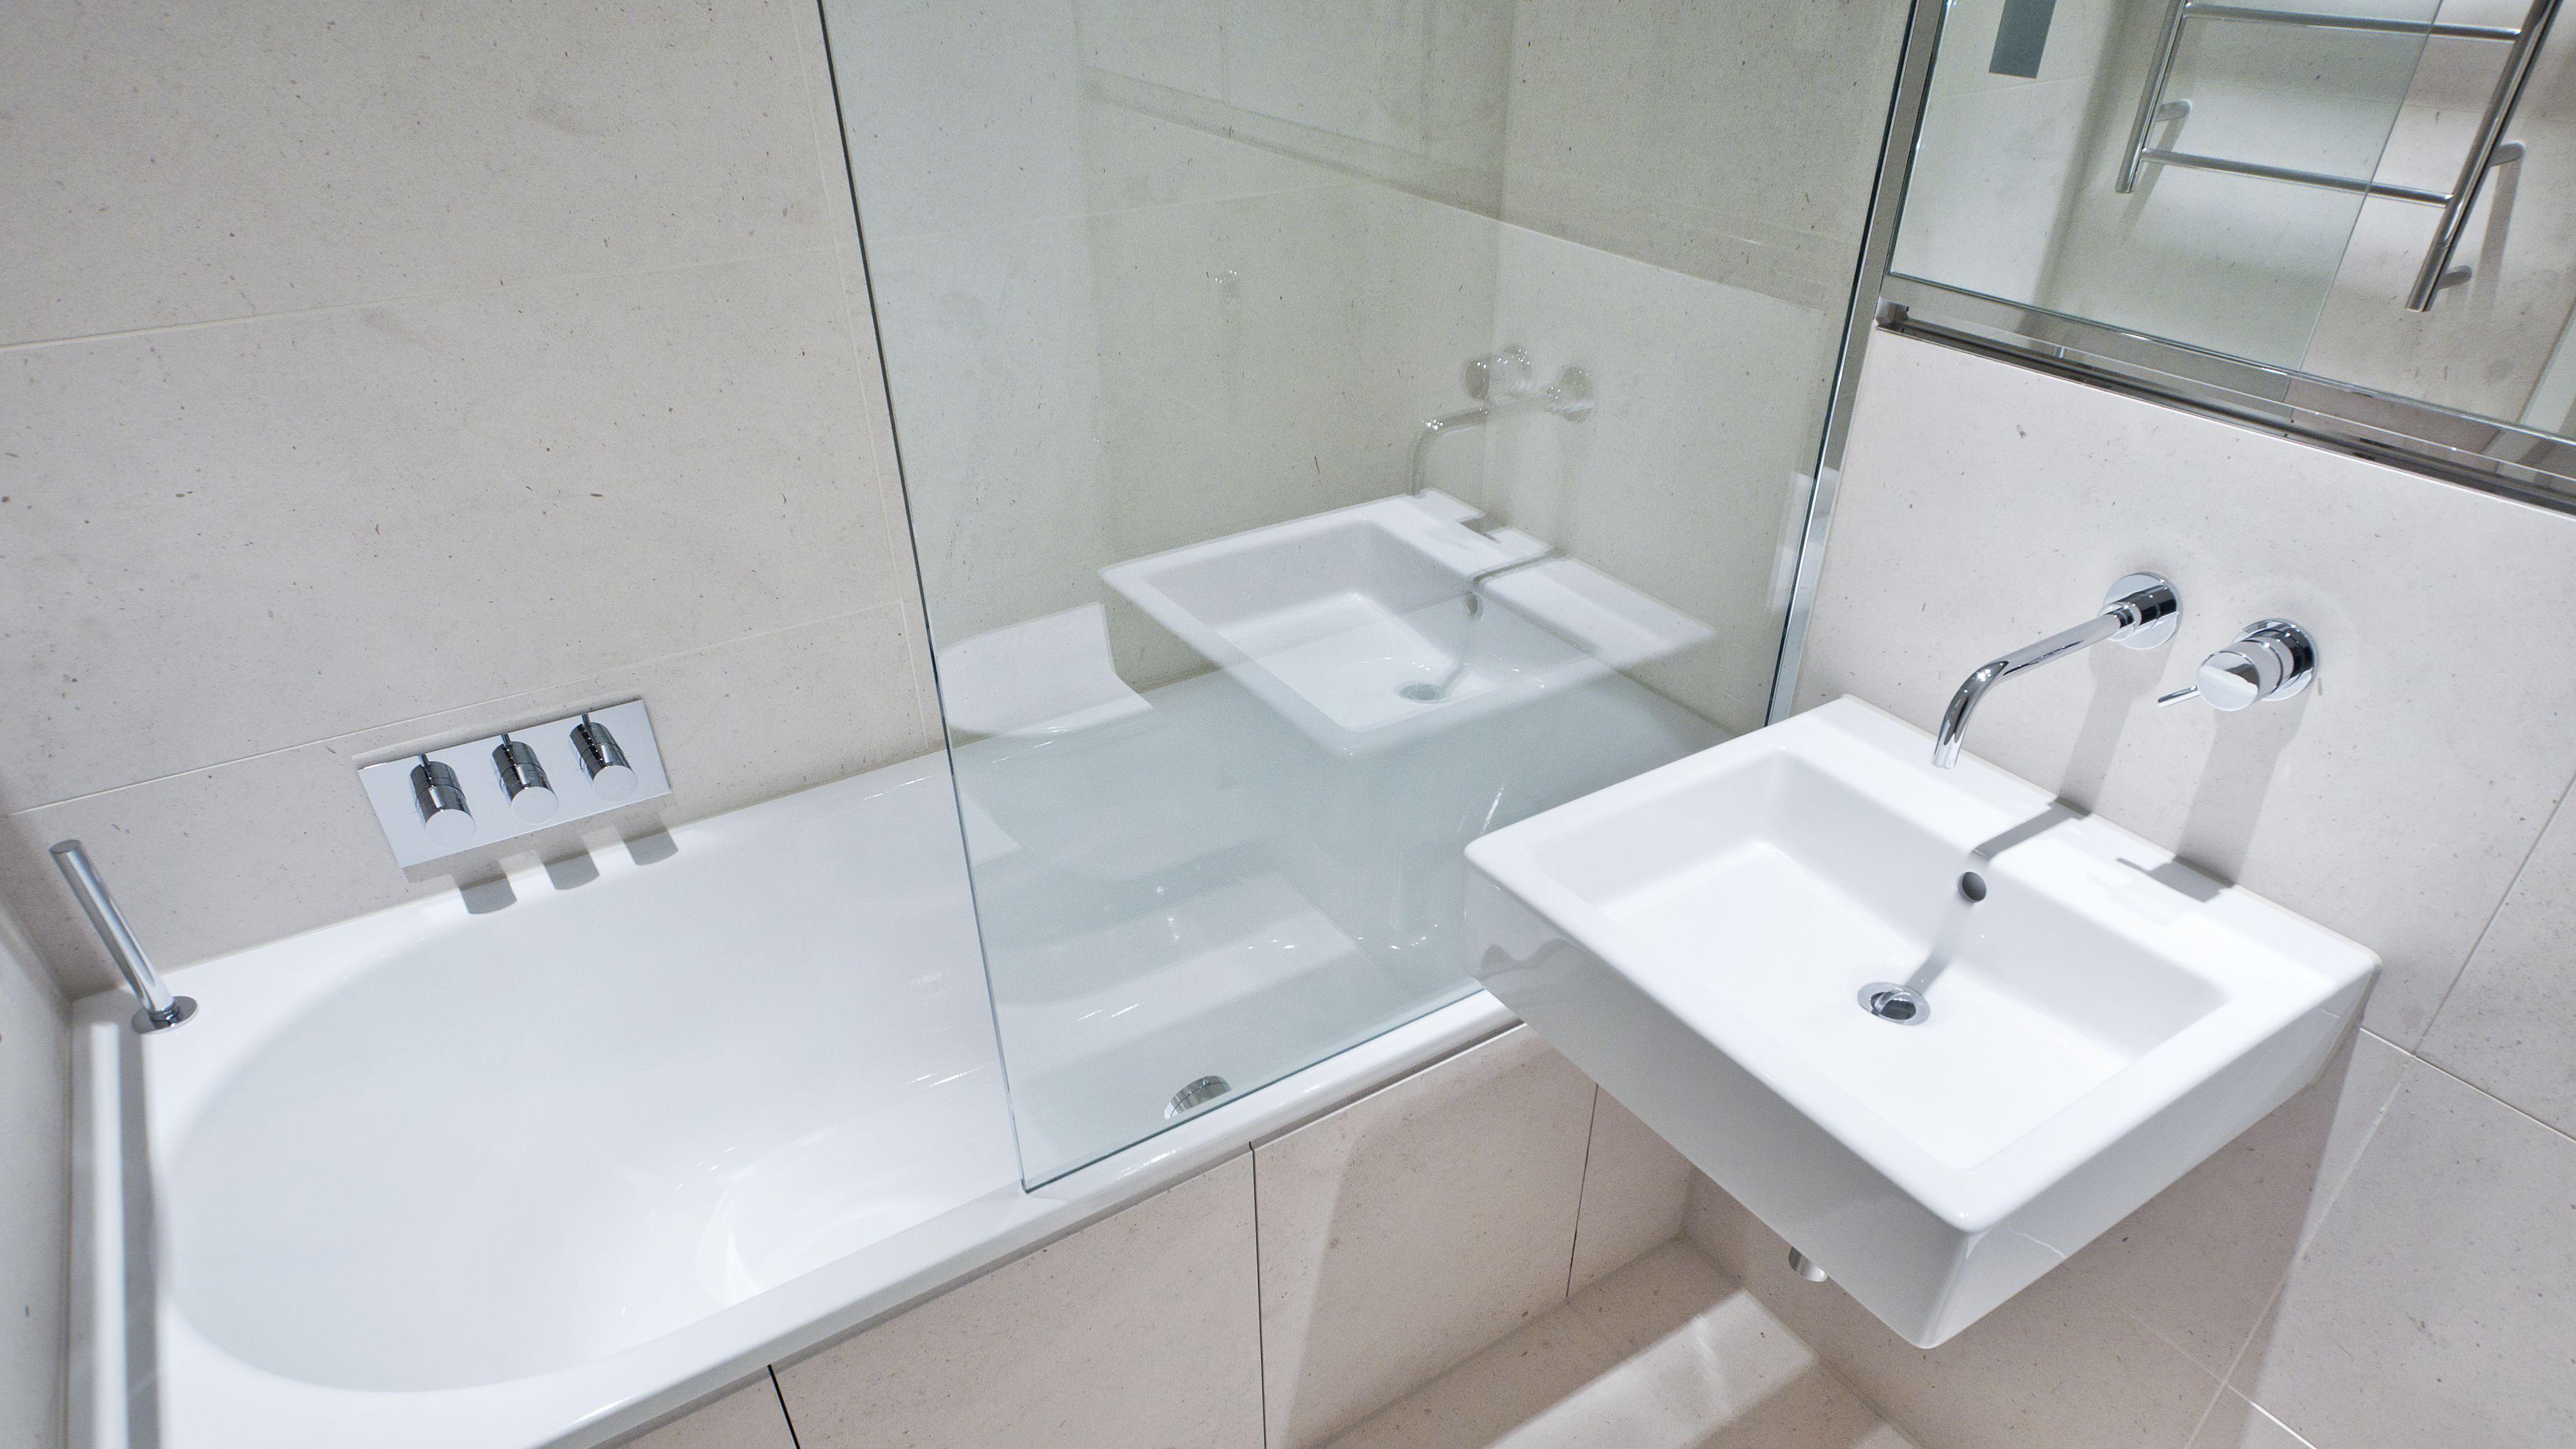 Comment installer un pare-baignoire